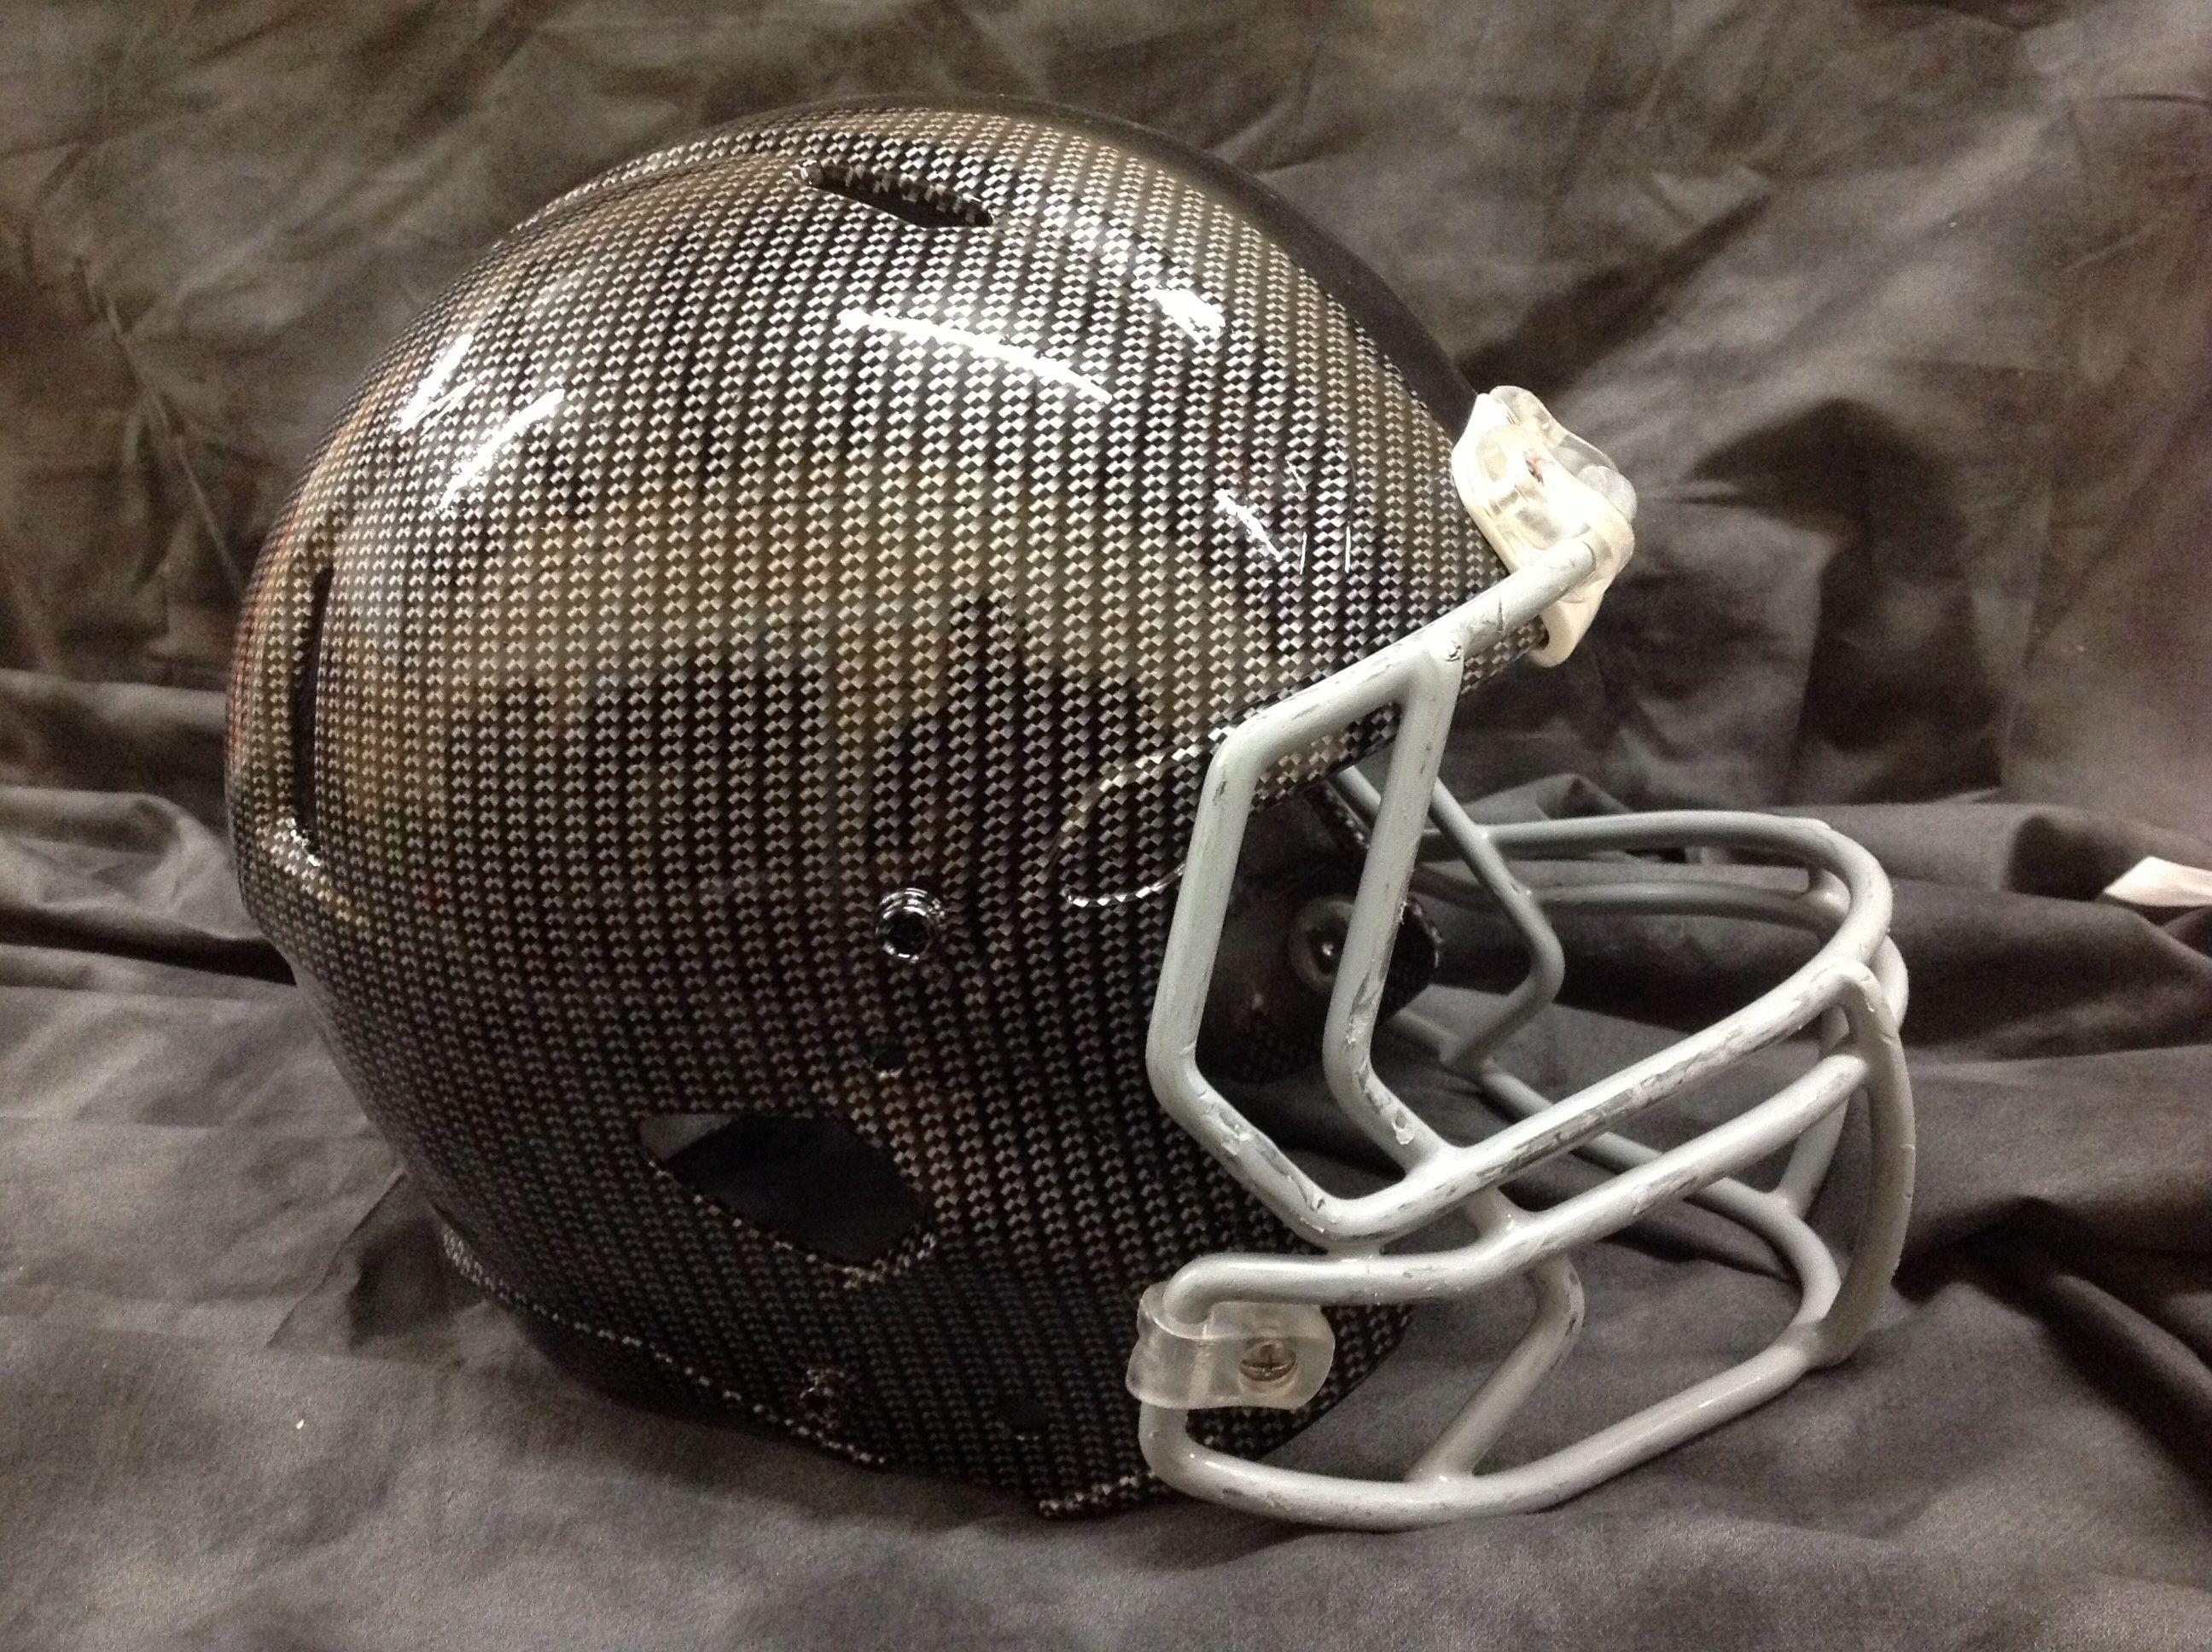 Carbon fiber football helmet by dip daddys el paso tx